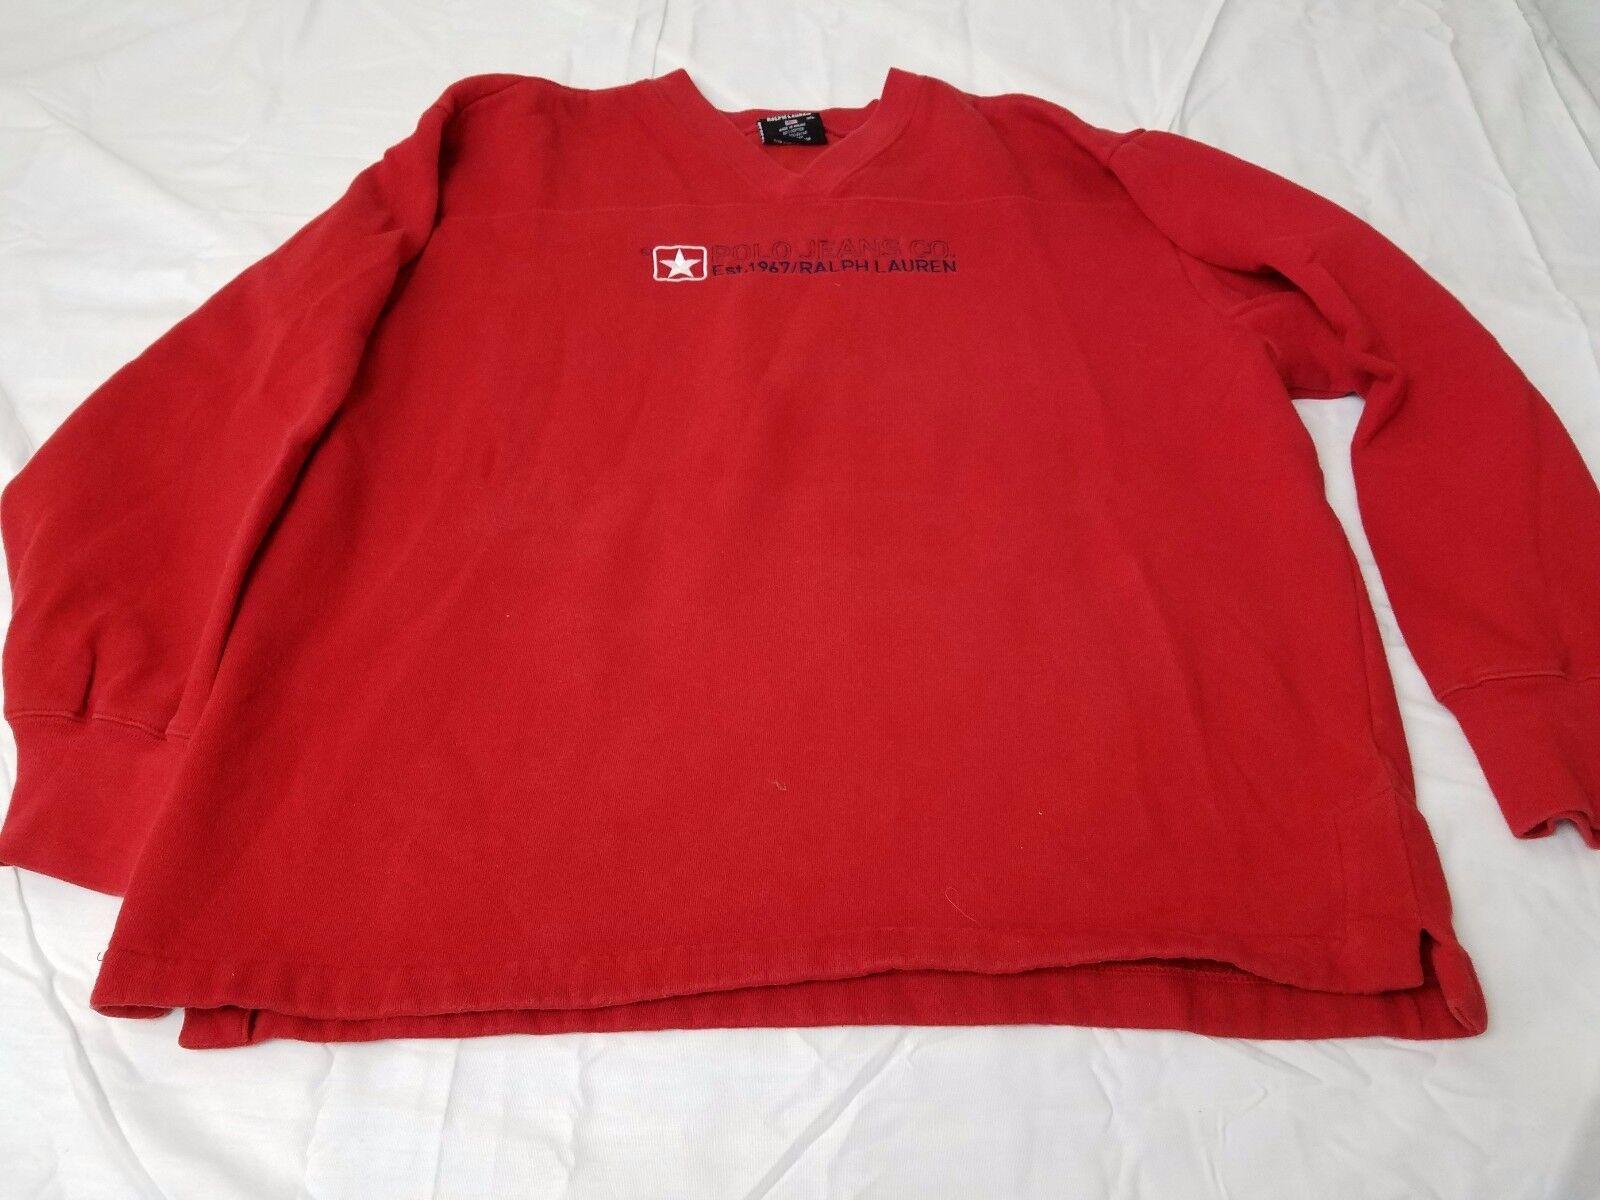 Vintage Polo Jeans Co. Ralph Lauren Red Women's Sweatshirt Size M L